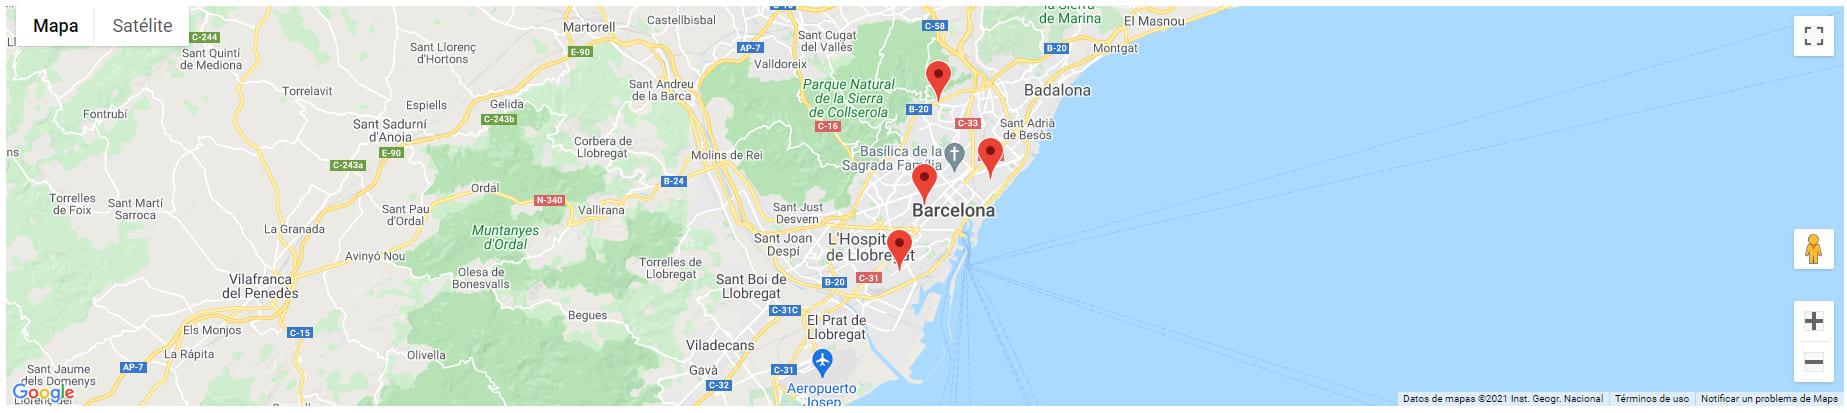 mapa tiendas barcelona